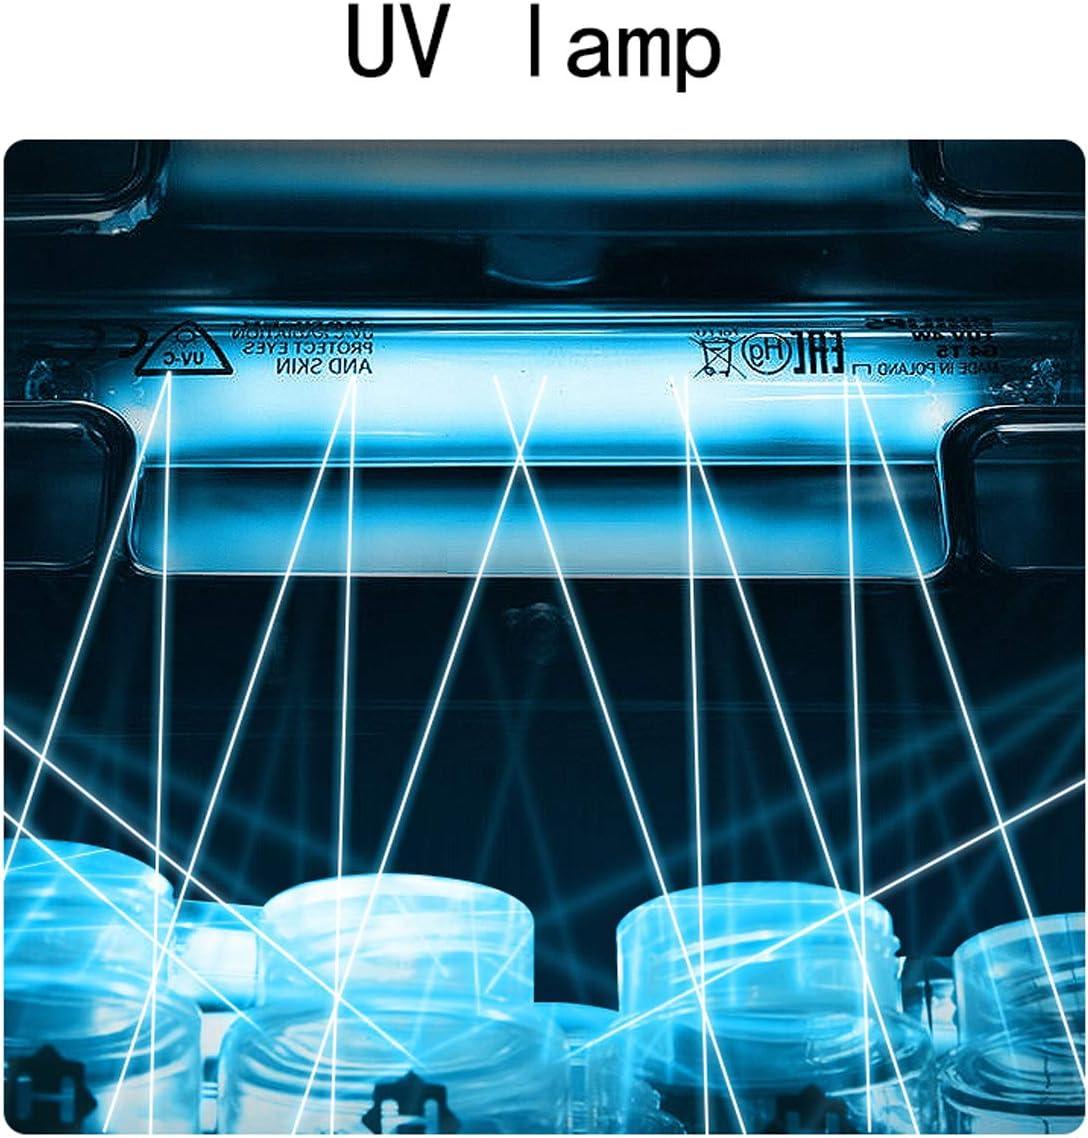 JUY Babyflaschen-Sterilisator mit Trocknung multifunktionaler Desinfektion von Babyartikeln , 20 l mit gro/ßem Fassungsverm/ögen UV-Desinfektionstopf